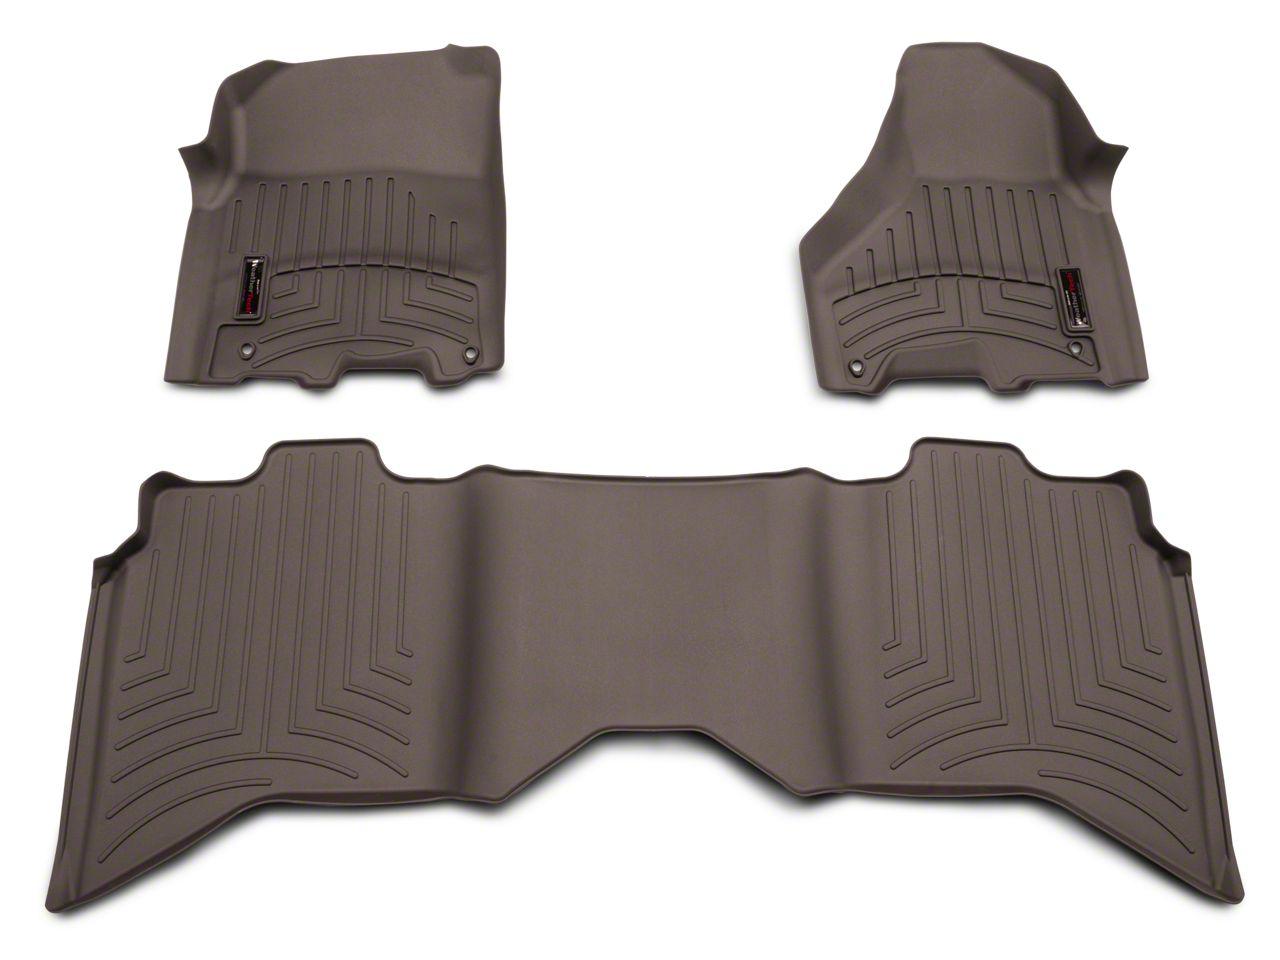 Weathertech DigitalFit Front & Rear Floor Liners - Cocoa (09-18 RAM 1500 Crew Cab)